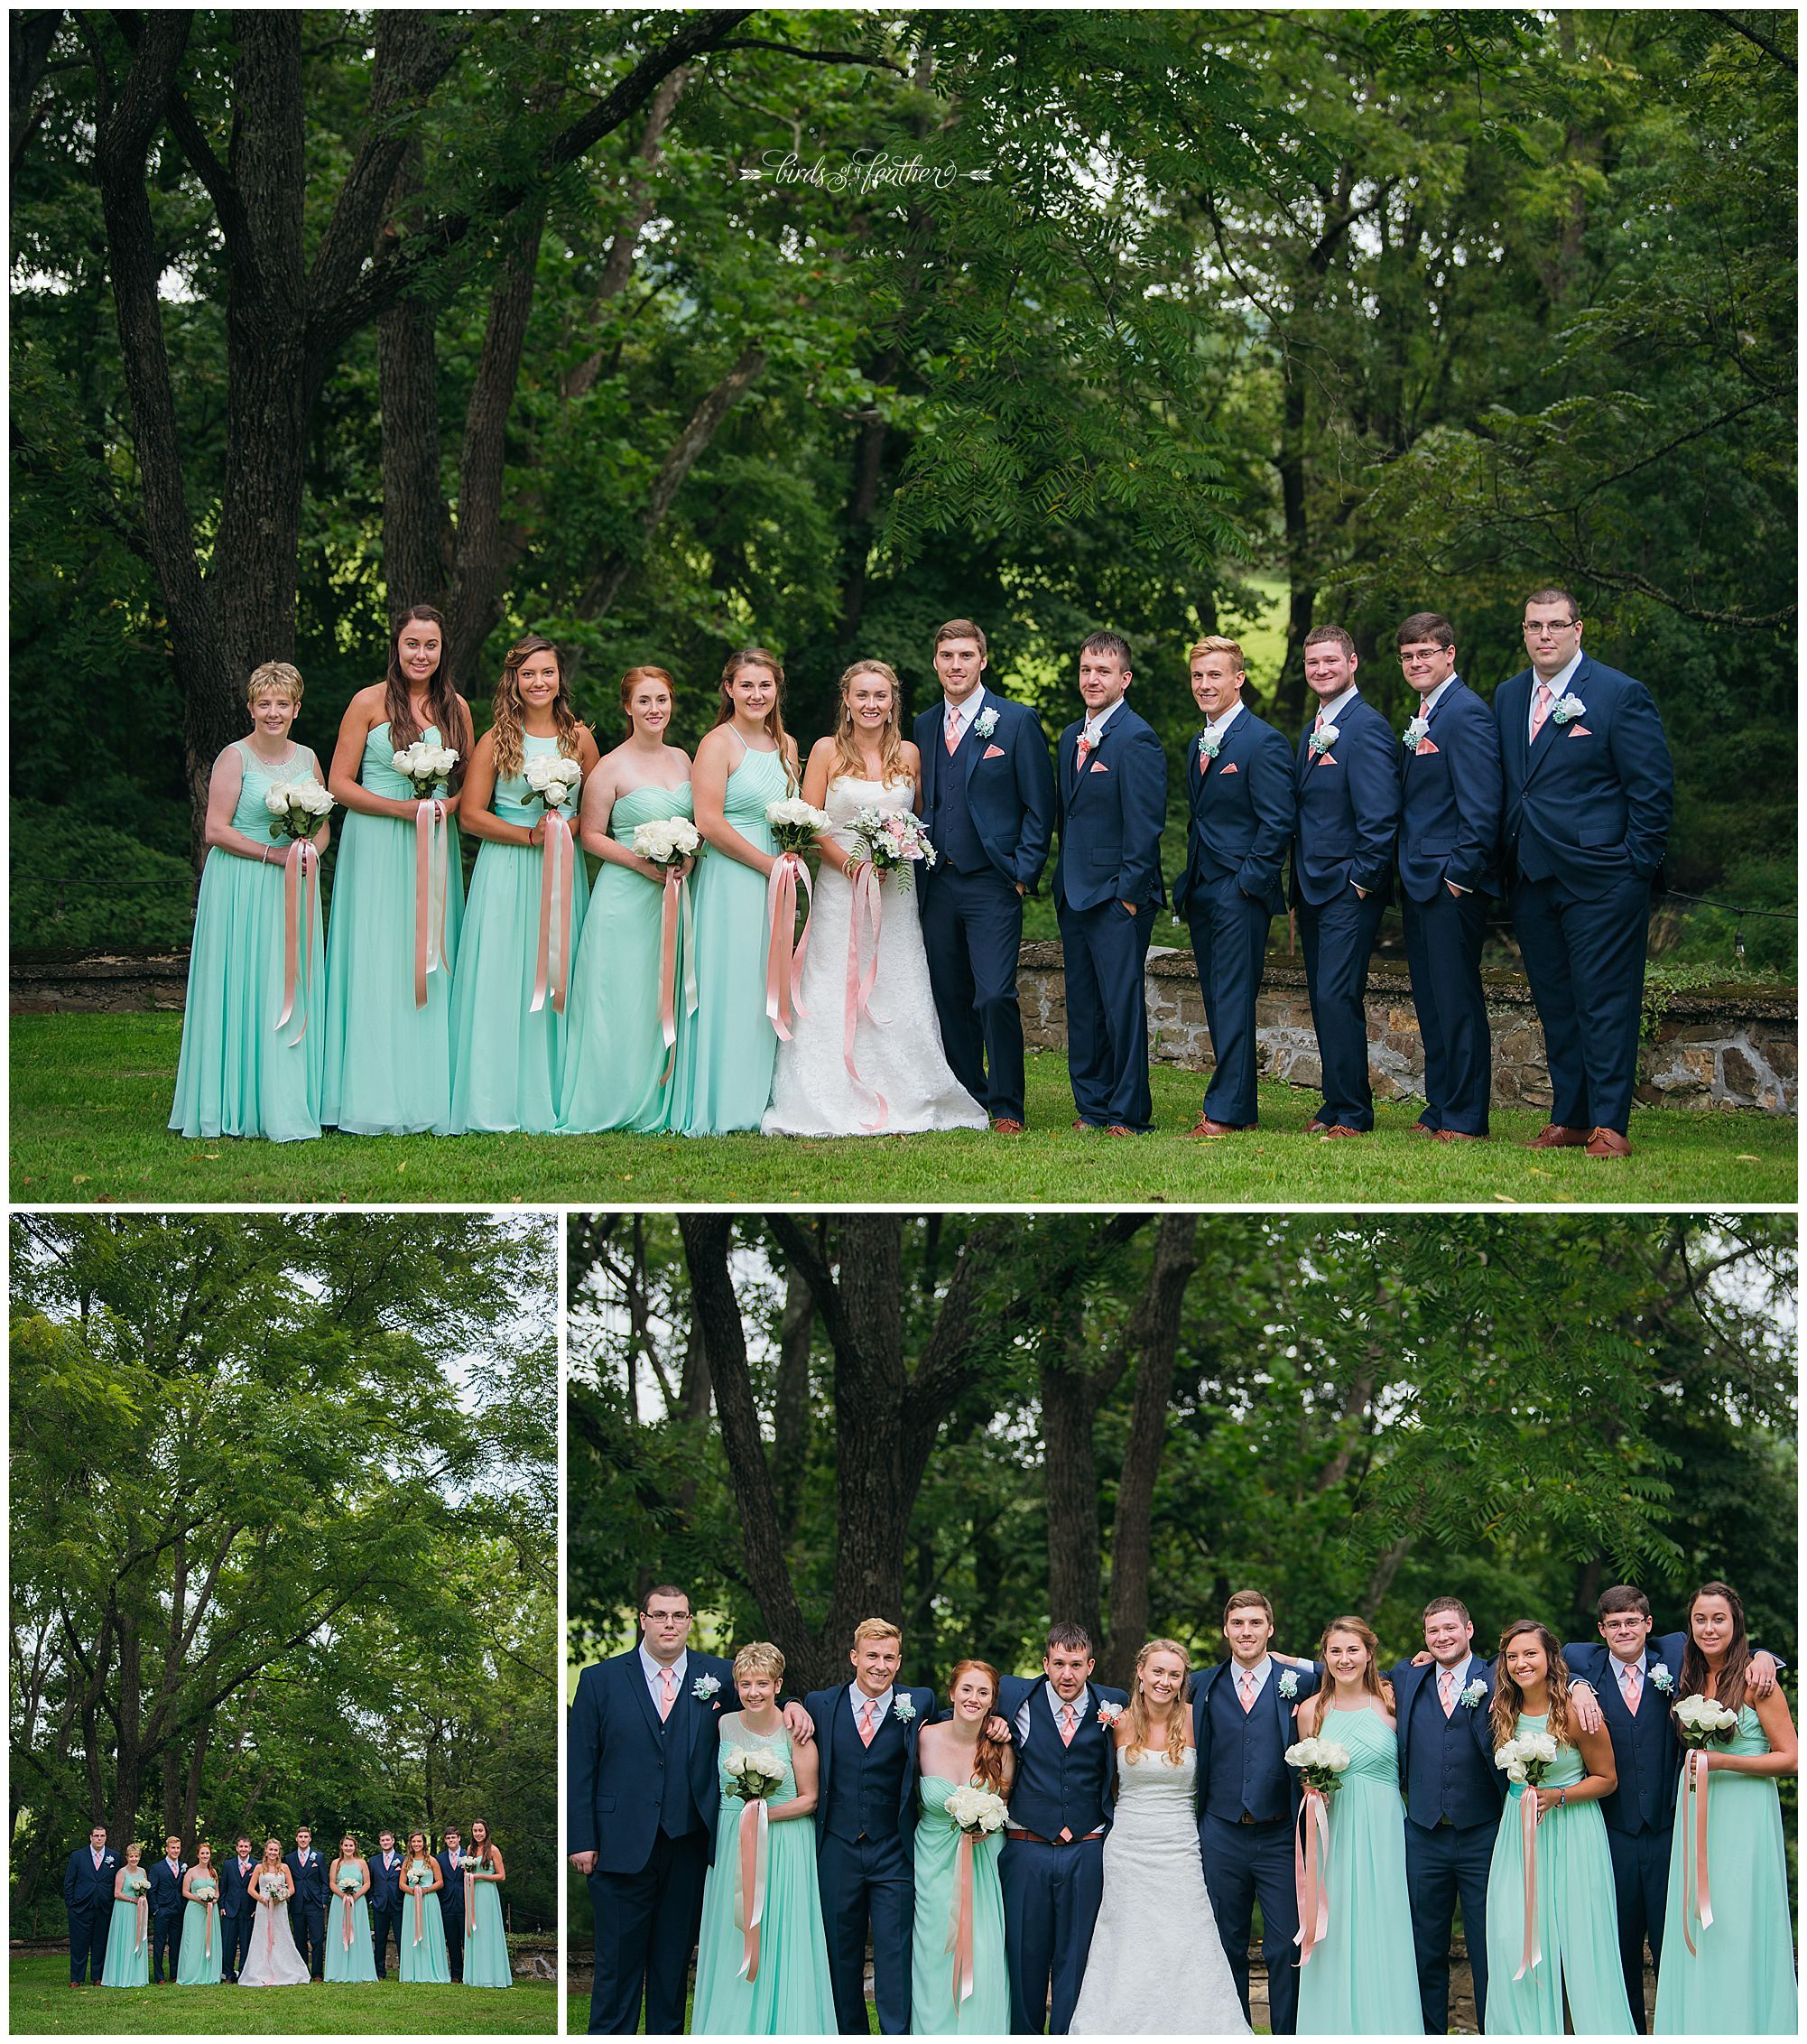 Birds of a Feather Photography Bally Spring Inn Wedding Photographer 12